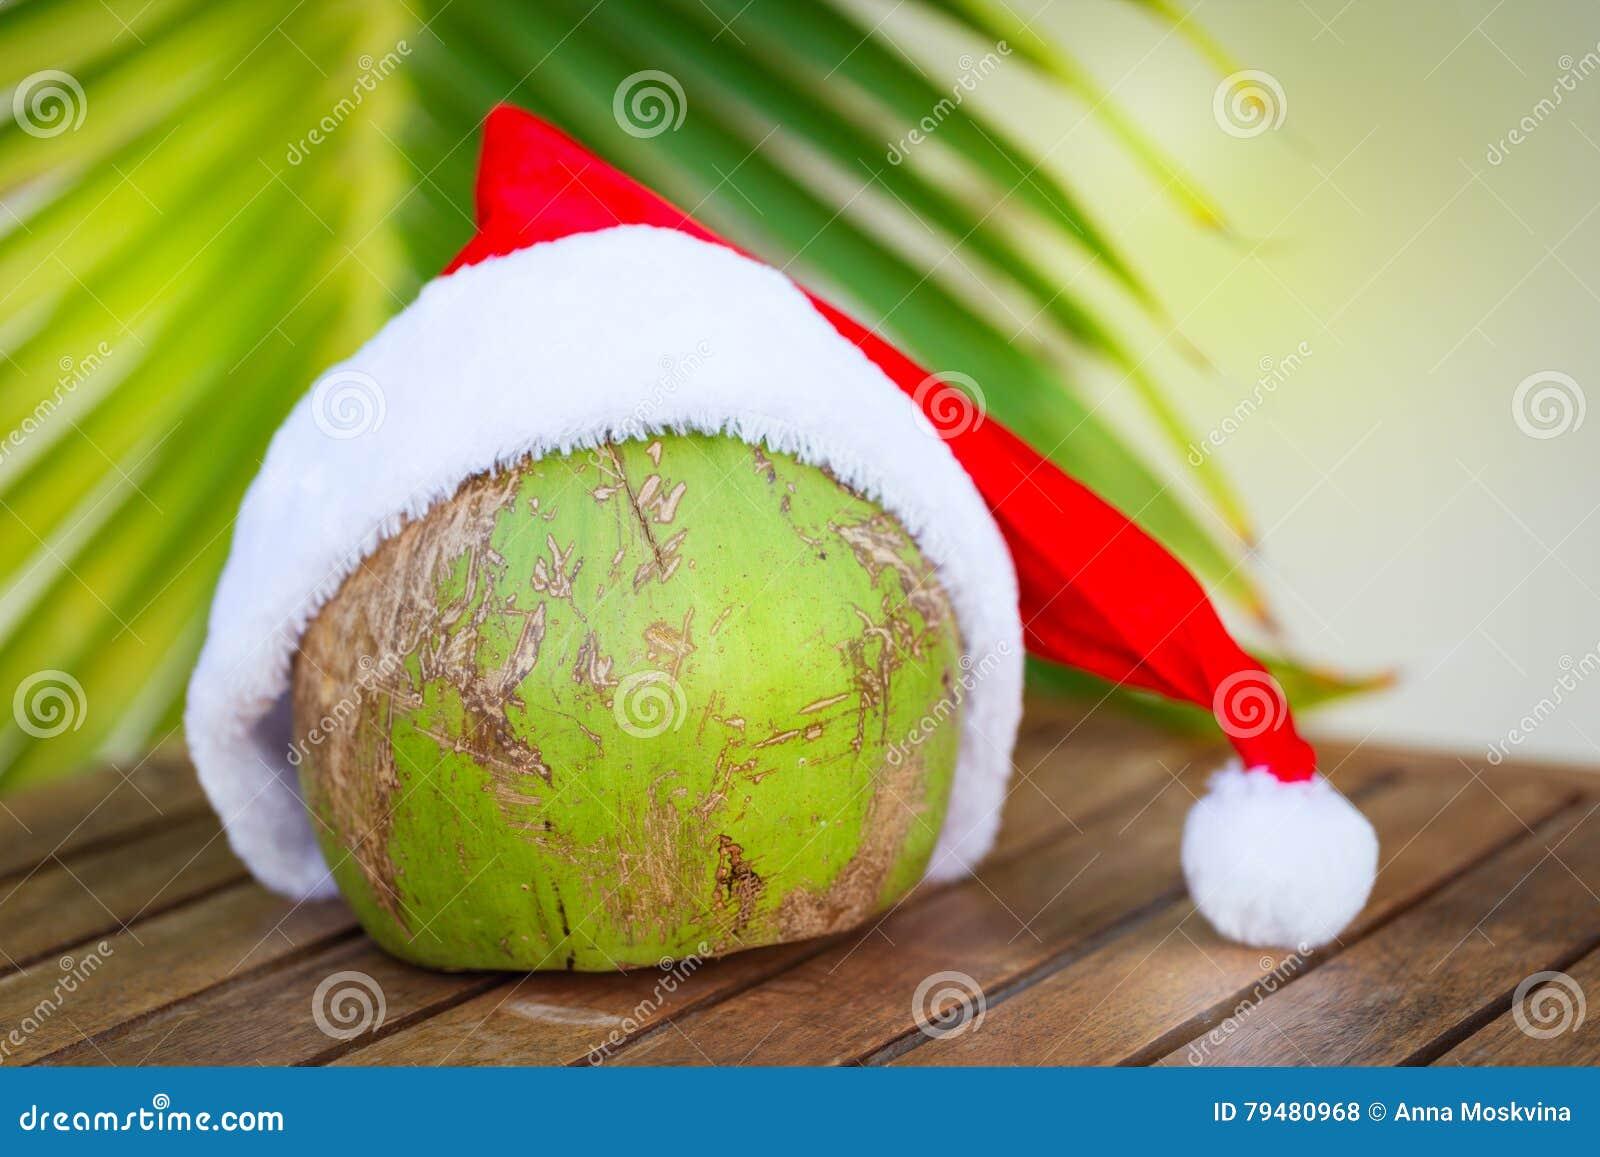 Immagine tropicale della noce di cocco in un cappello rosso e nelle foglie  di palma di Natale 41e4f1713981